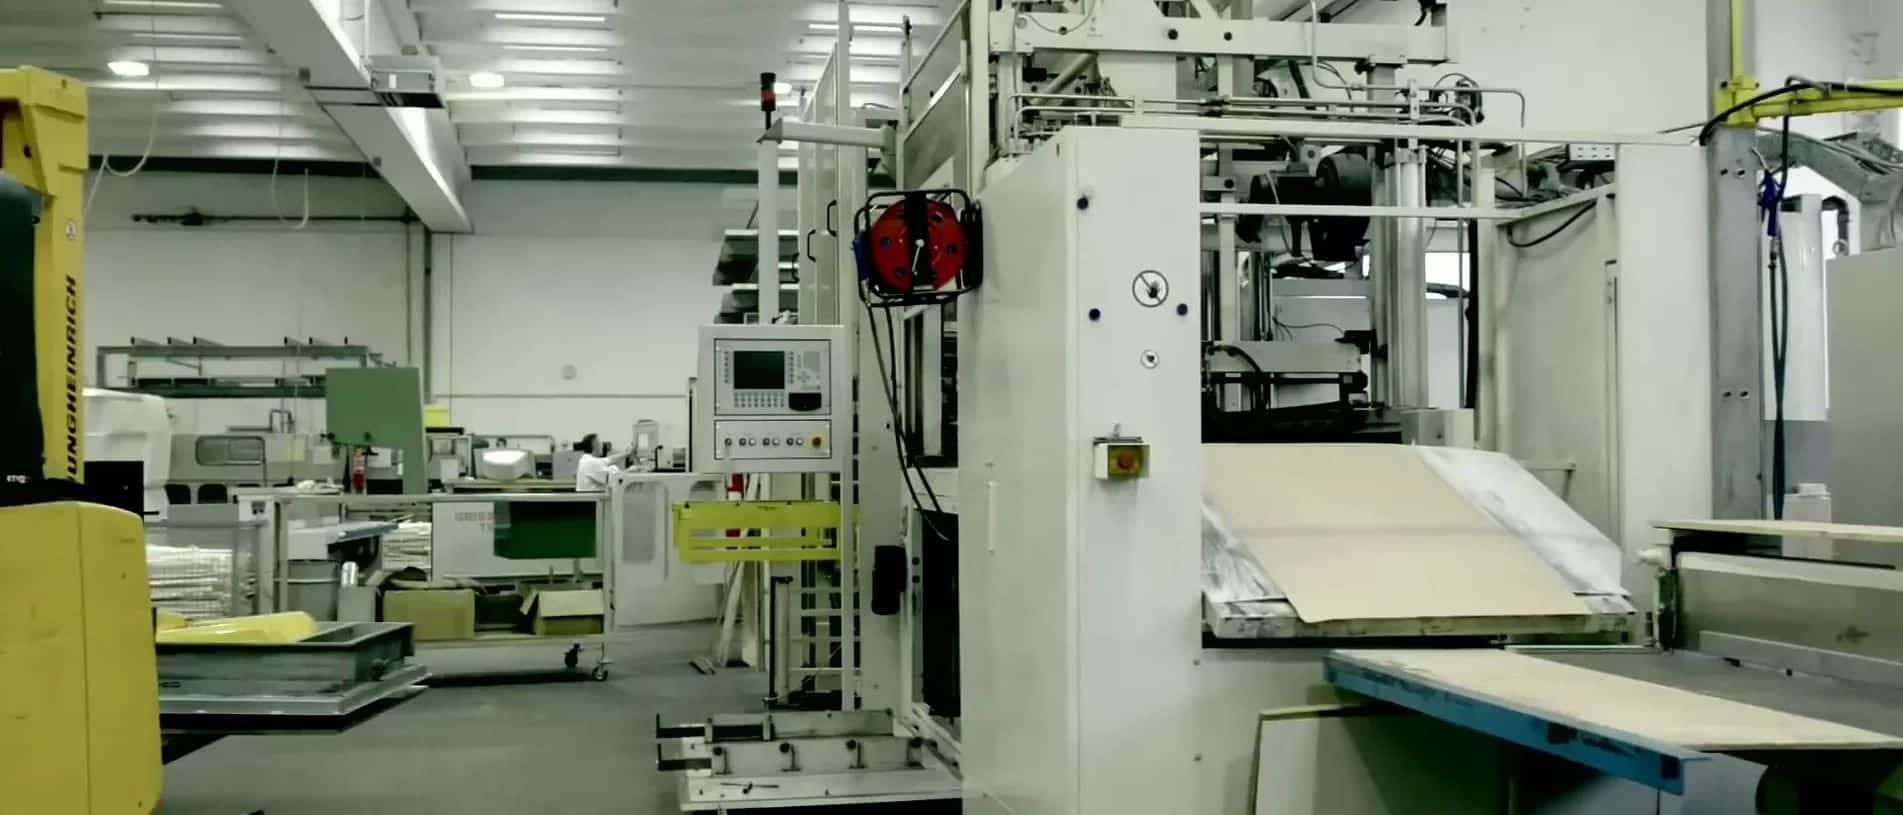 Maschinen stehen innerhalb der swissplast Fabrik